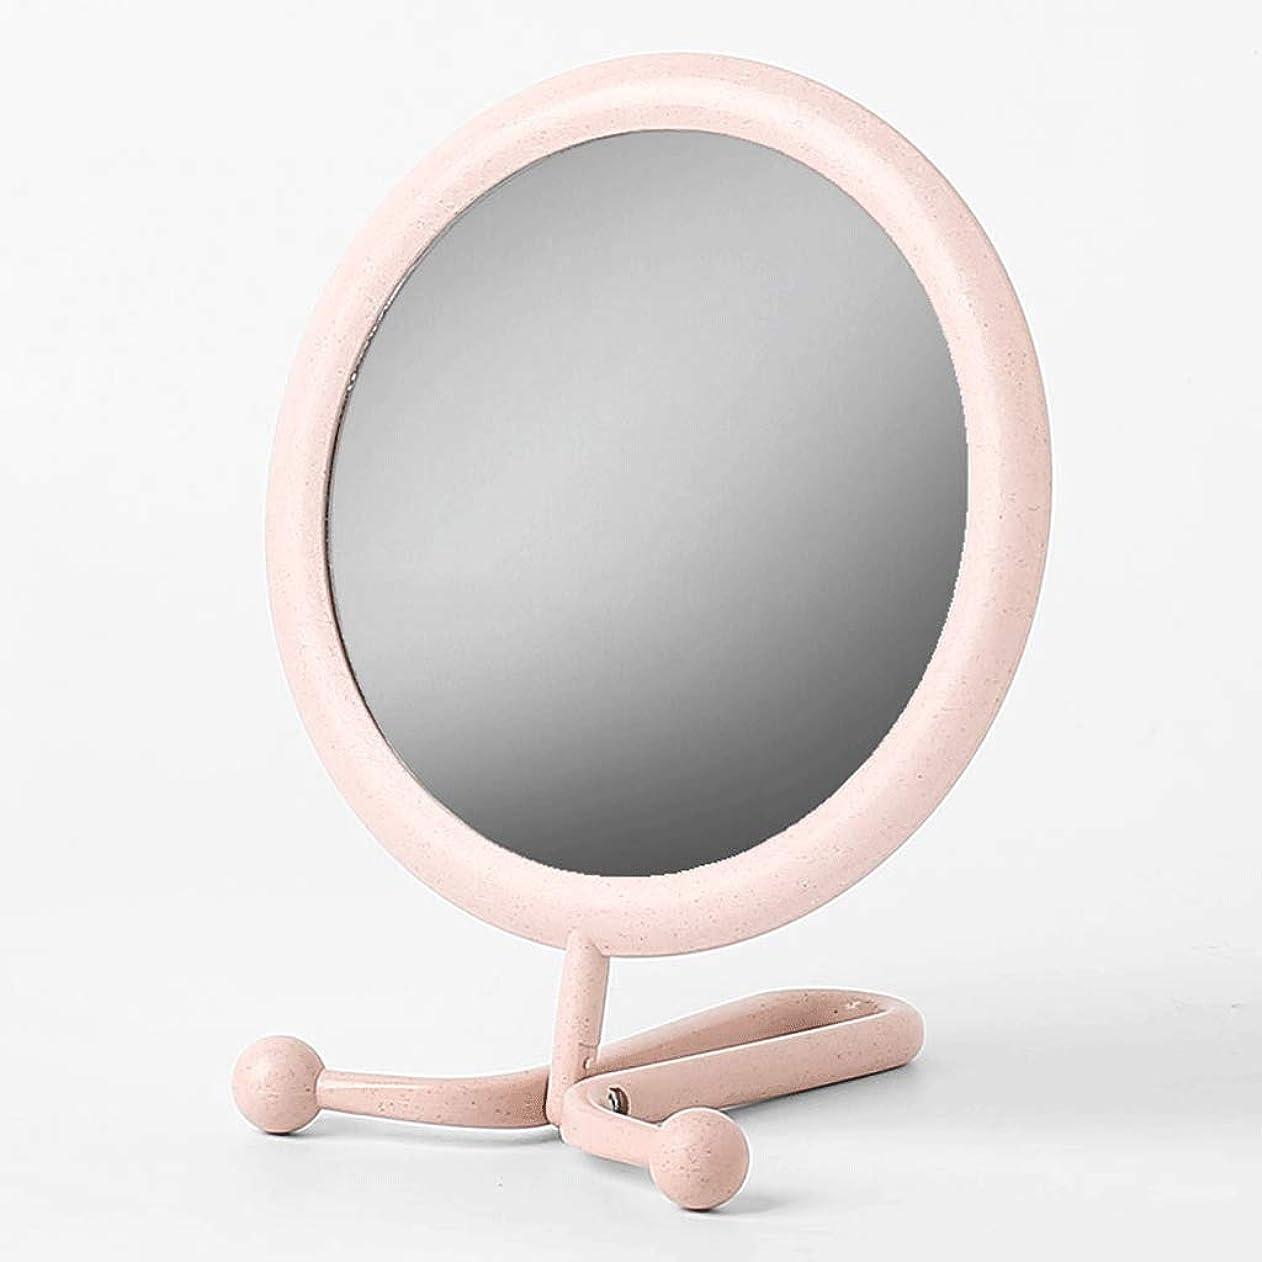 誤解を招く四応援する化粧鏡ハンドヘルドハンギングテーブルミラー浴室寝室のドレッシングテーブル学生寮ミラー簡単に運ぶバレンタインデーギフト,Pink